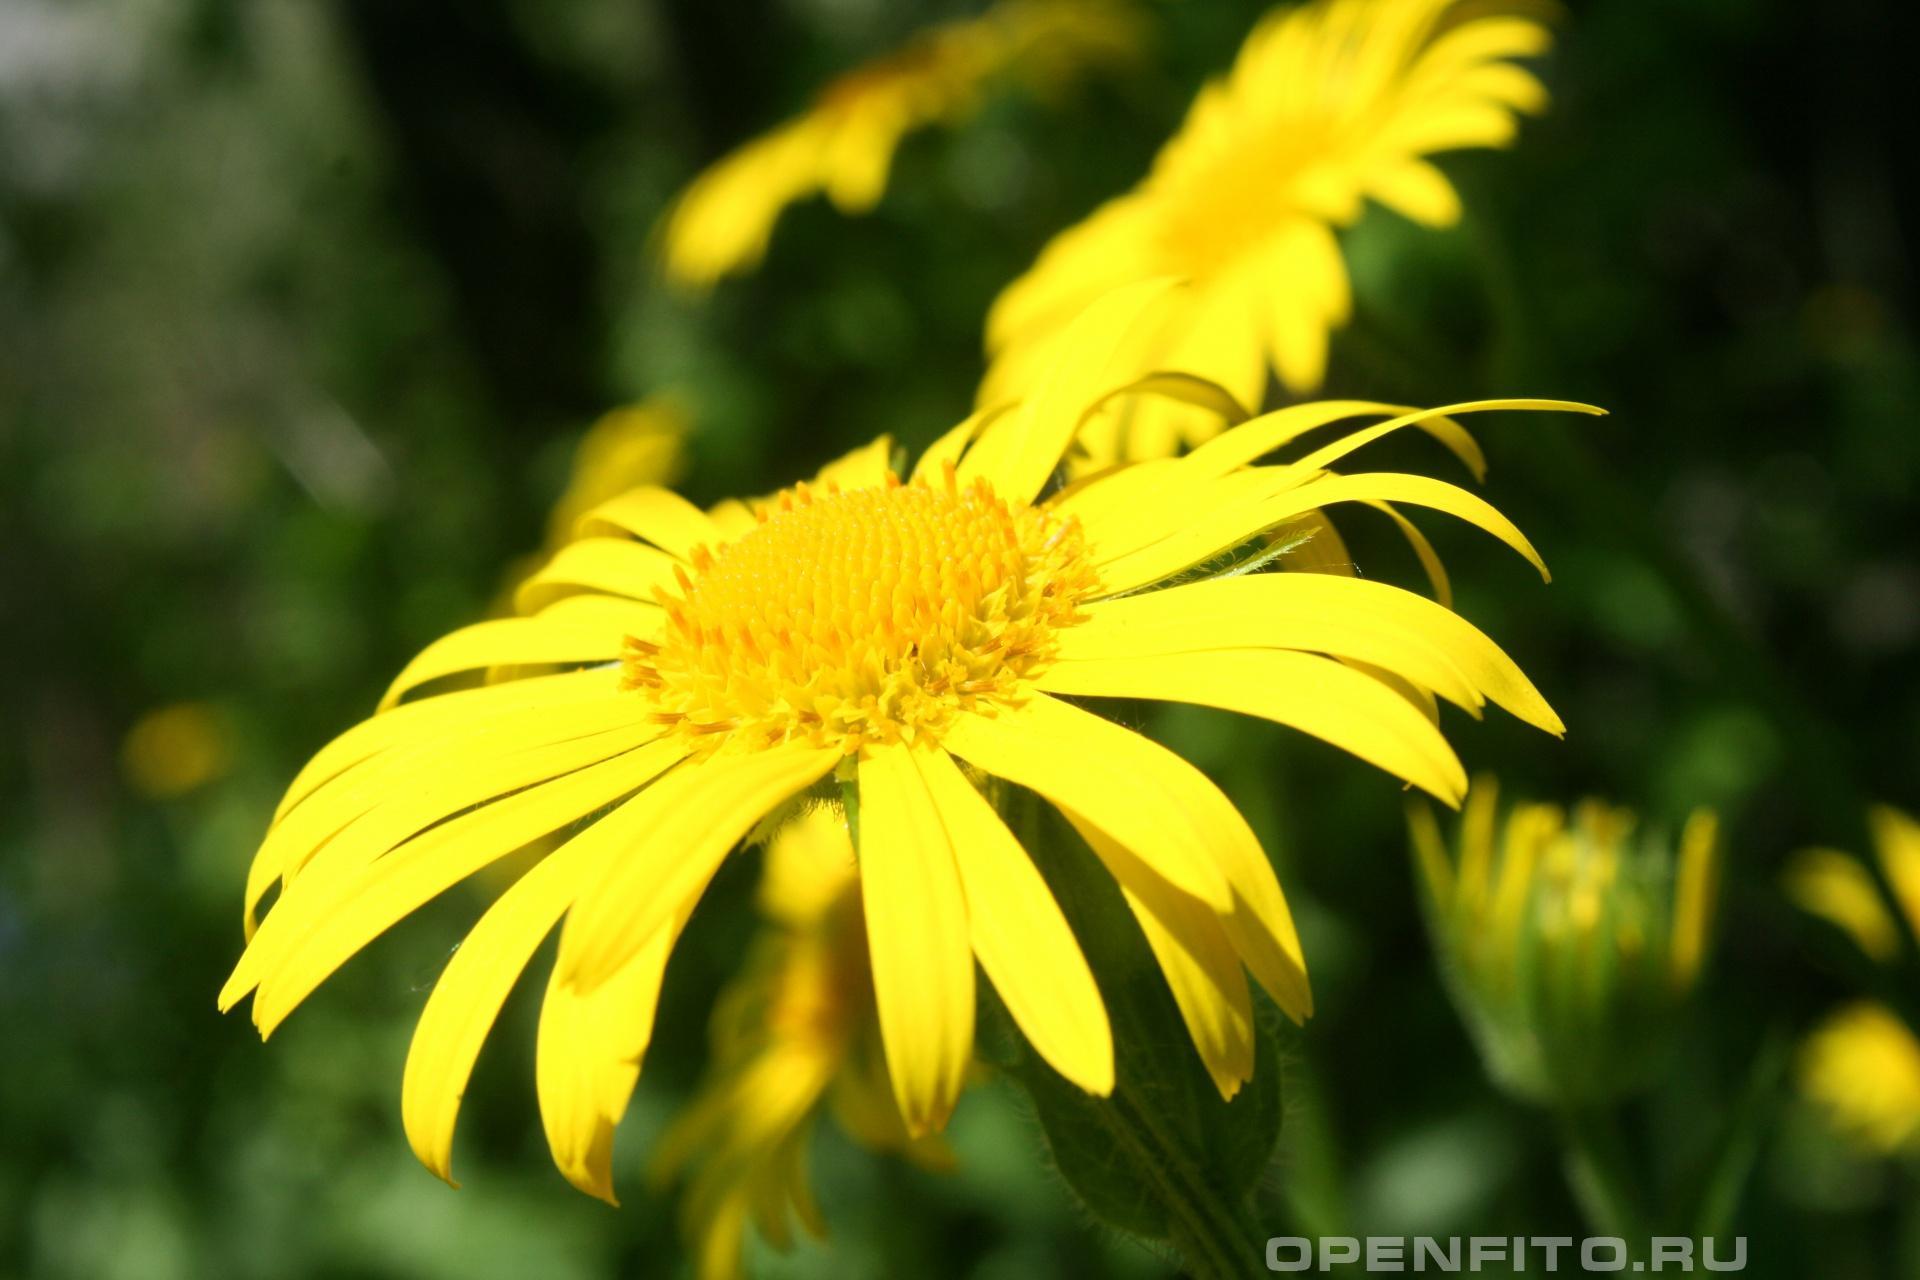 Златоцвет